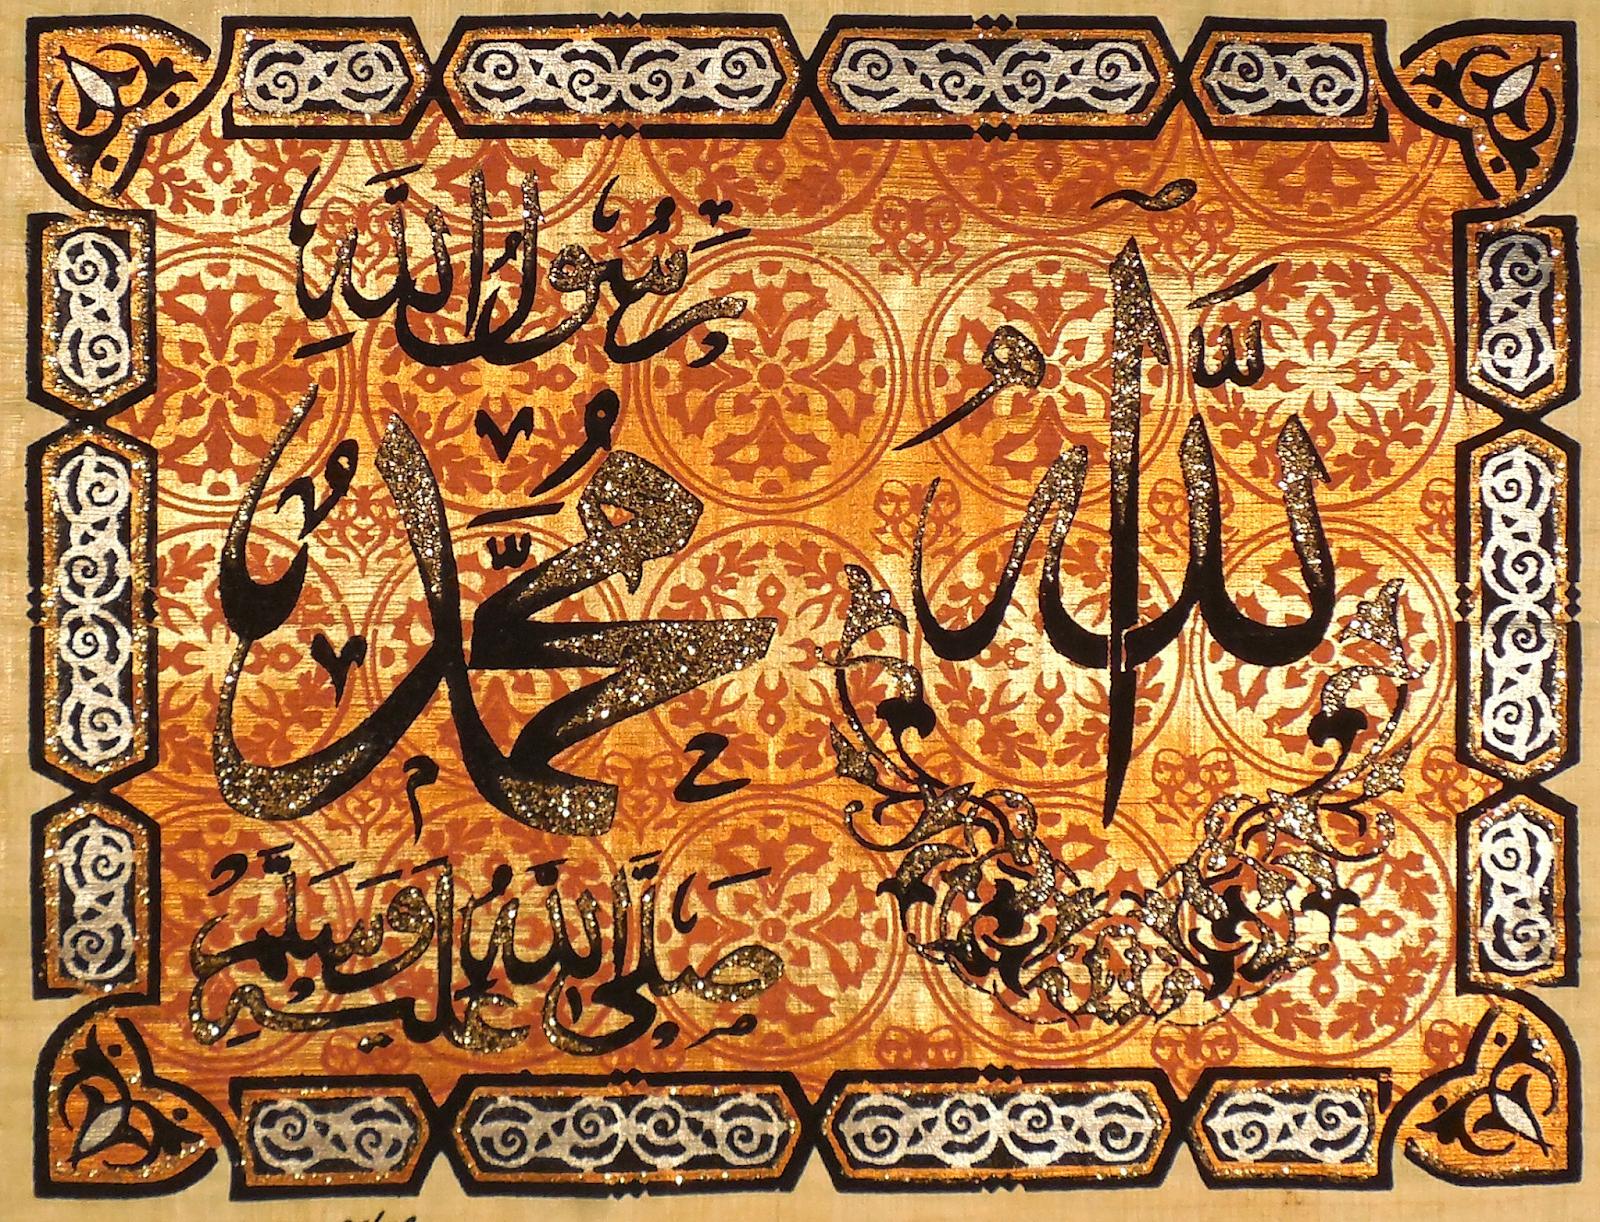 Sketsa Gambar Dp Wallpaper Kaligrafi Allah Dan Muhammad Motif 1600x1222 Download Hd Wallpaper Wallpapertip